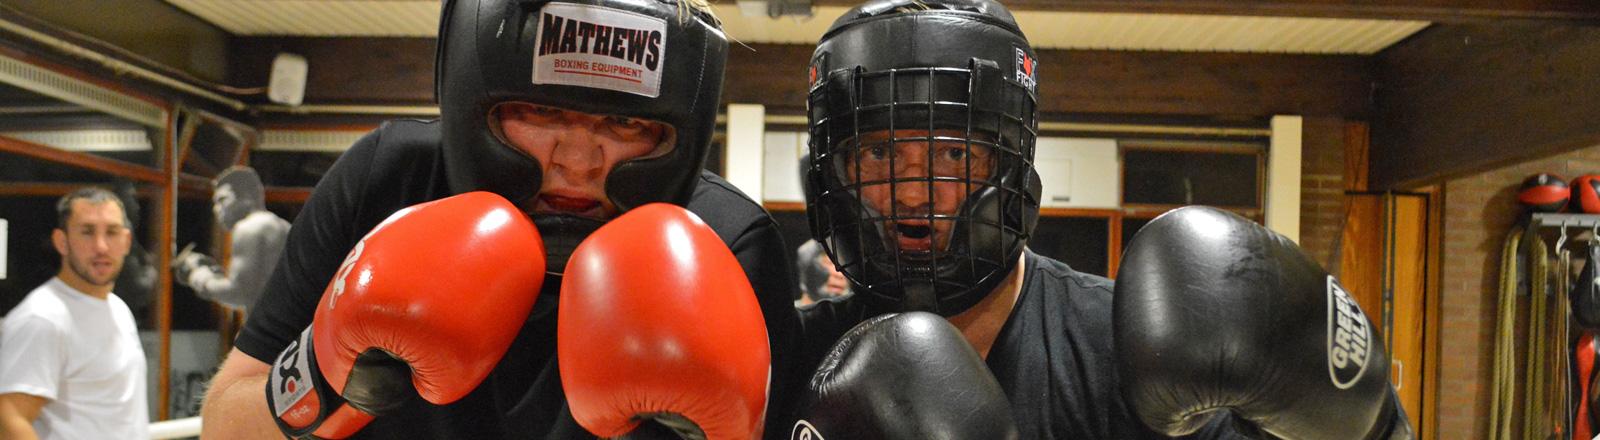 Zwei Männer in schwarzen T-Shirts, mit Boxhandschuhen und Gesichtsschutz stehen nebeneinander in einer Boxhalle. Sie halten die Hände nach oben und wirken kämpferisch.